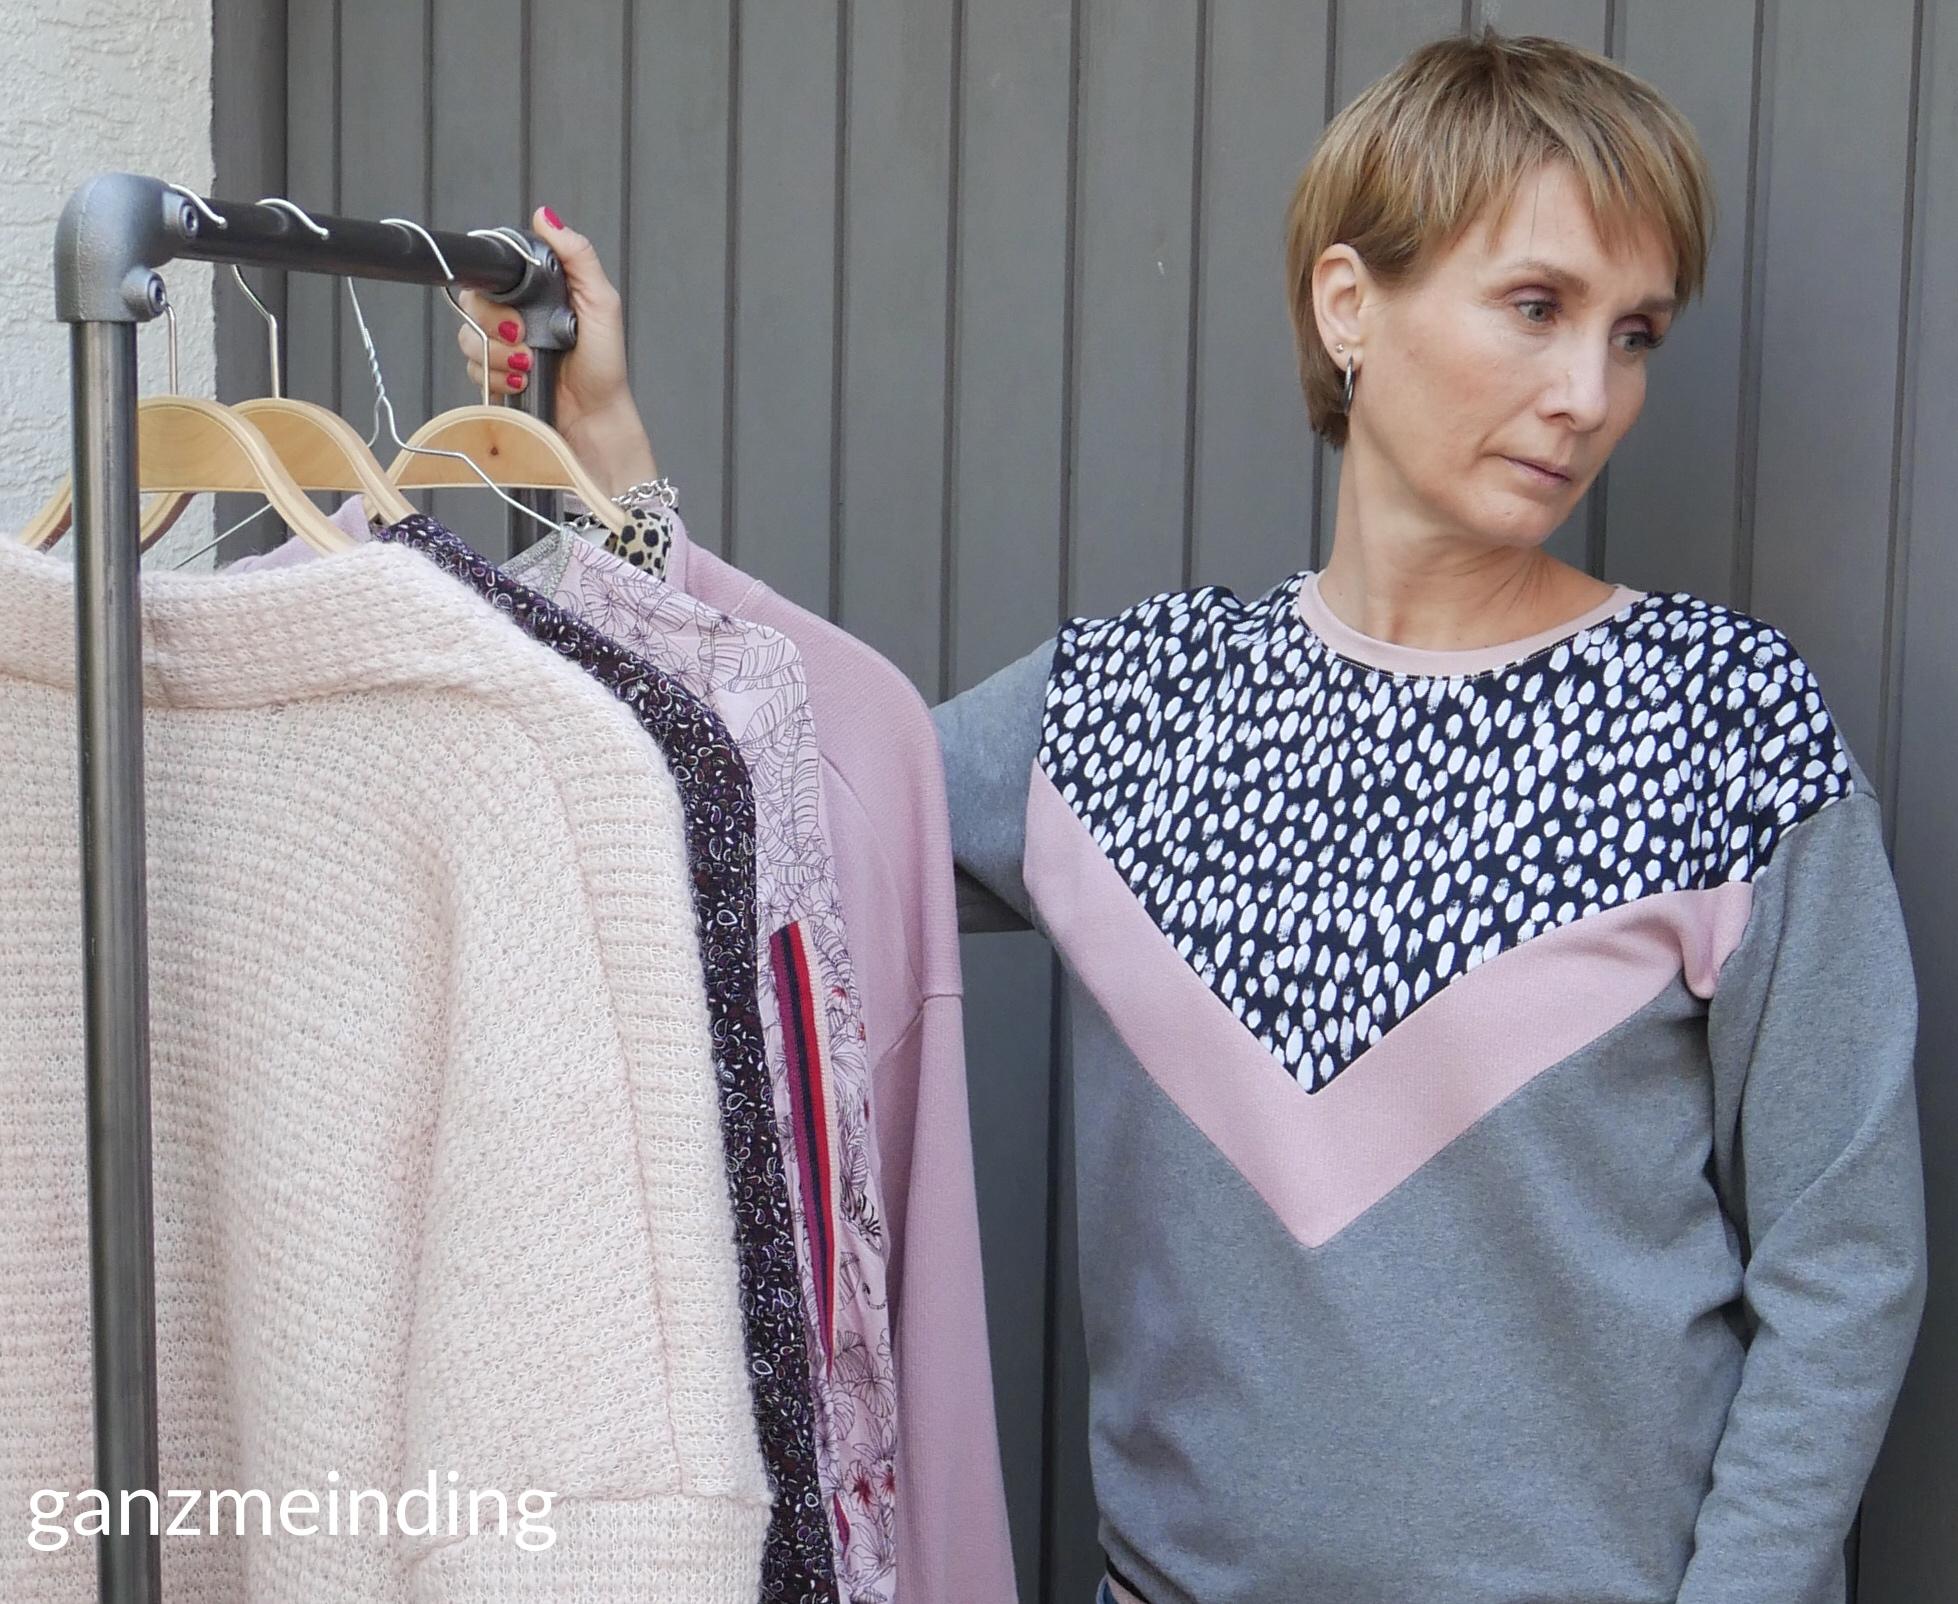 ganzmeinding: Frau Luise Hedi näht, Kleiderständer von Ziito 06